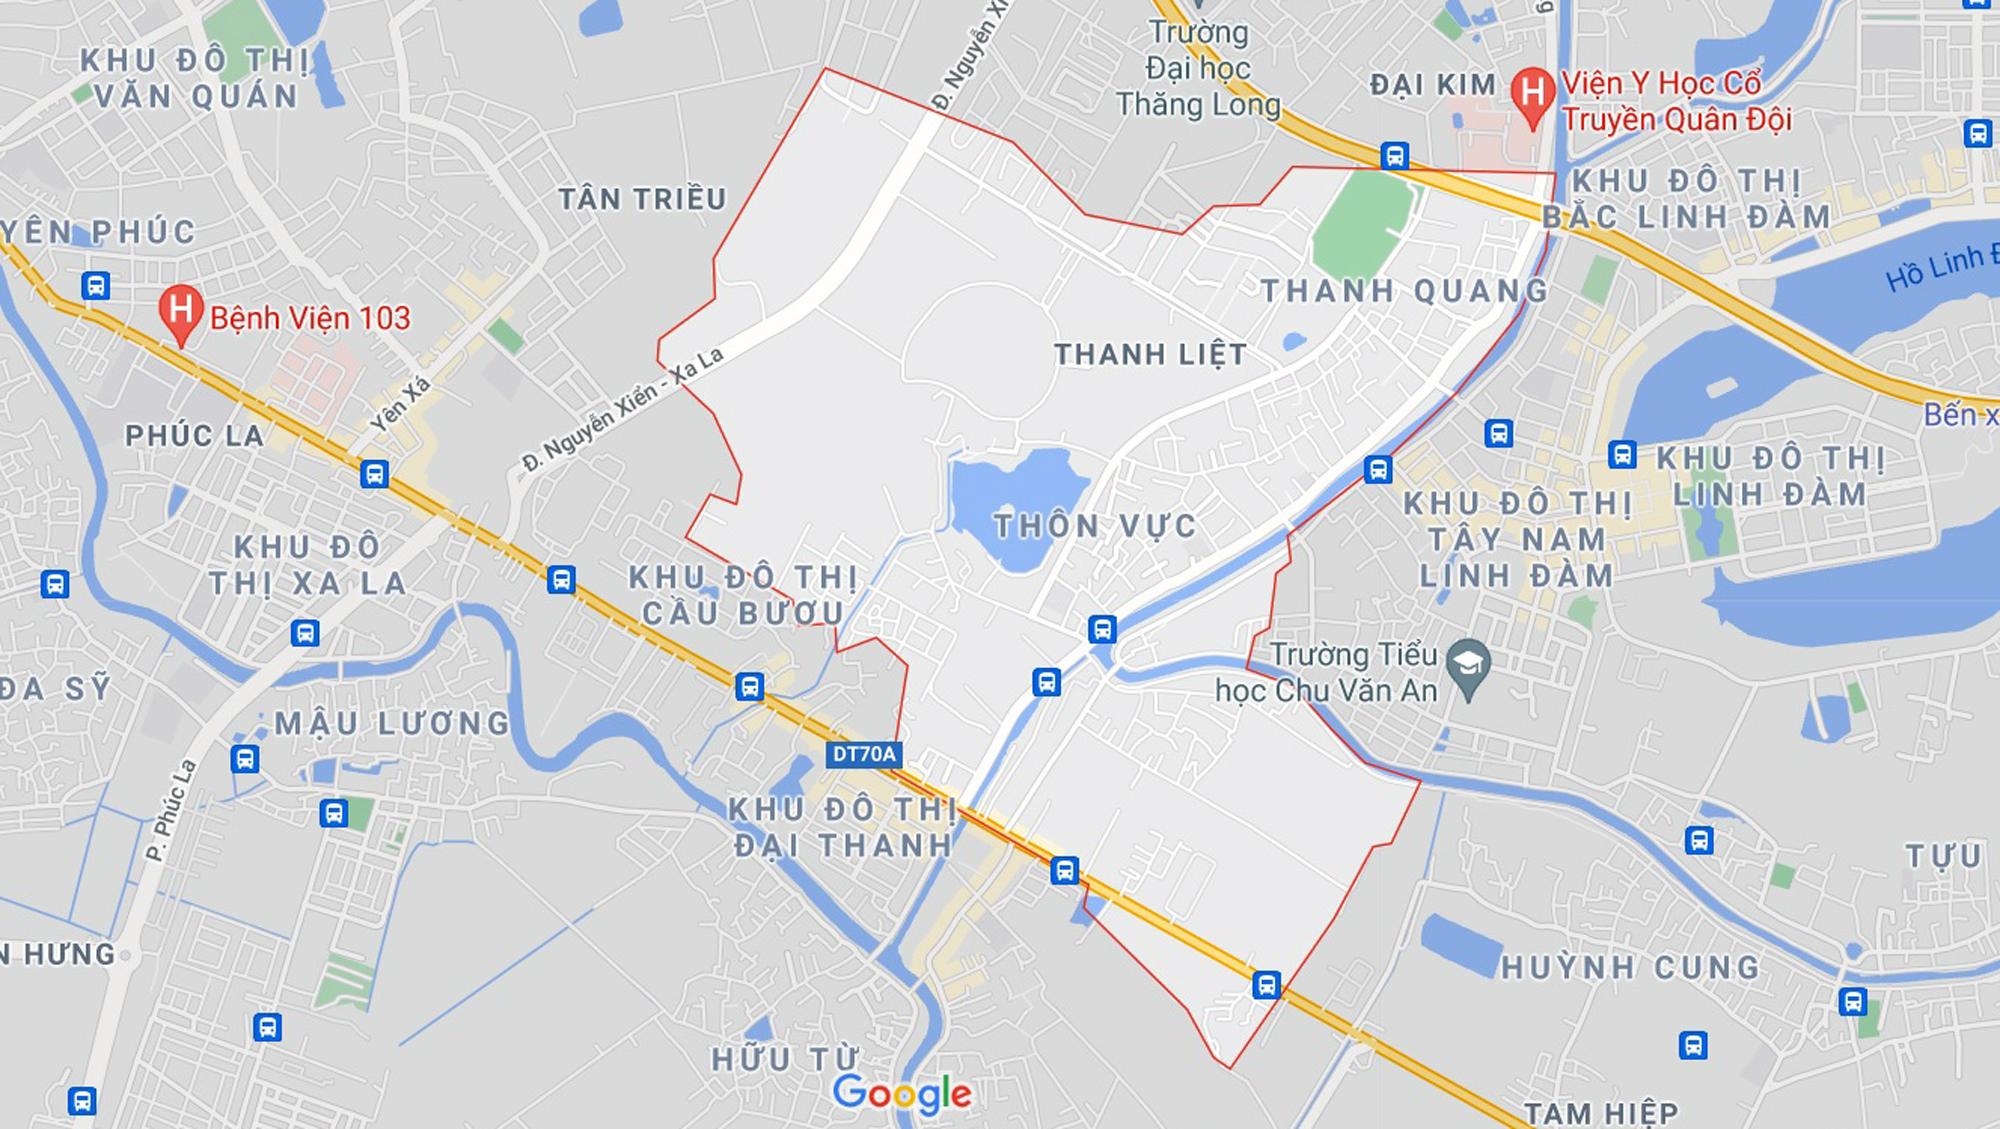 Những khu đất sắp thu hồi để mở đường ở xã Thanh Liệt, Thanh Trì, Hà Nội (phần 4) - Ảnh 1.